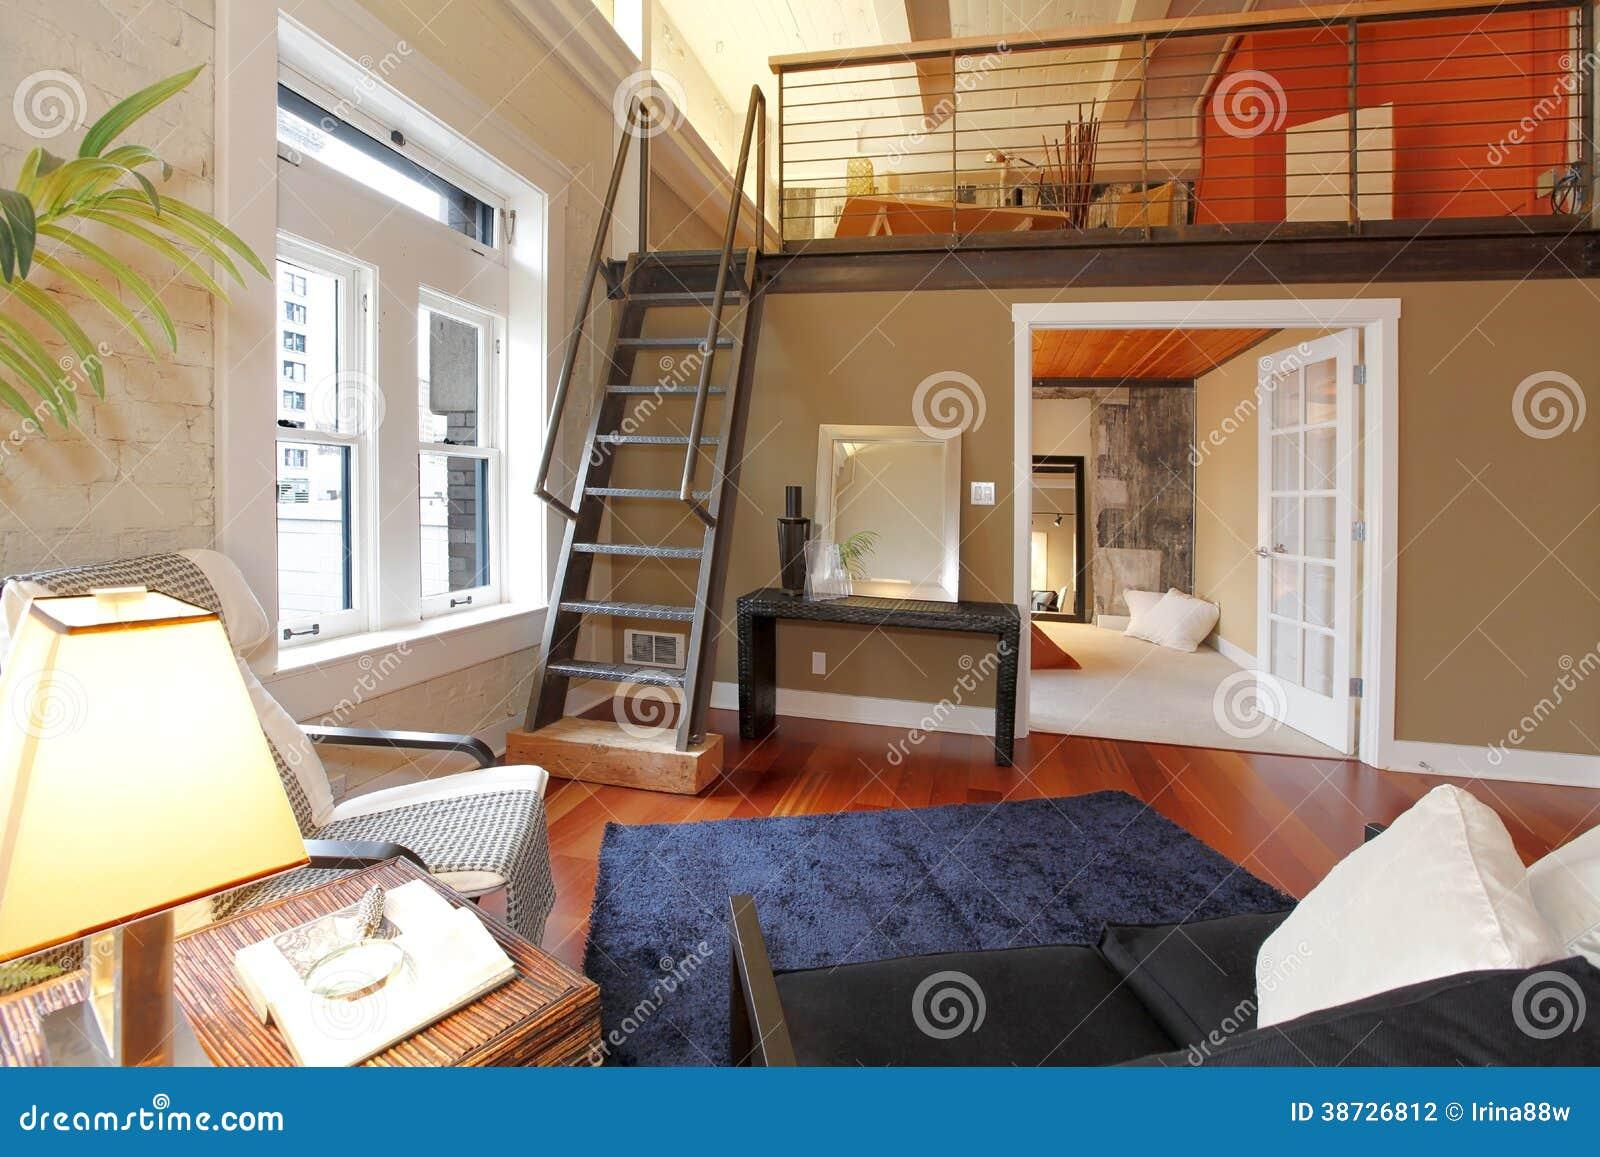 salon moderne reconstruit avec la mezzanine photographie stock image 38726812. Black Bedroom Furniture Sets. Home Design Ideas